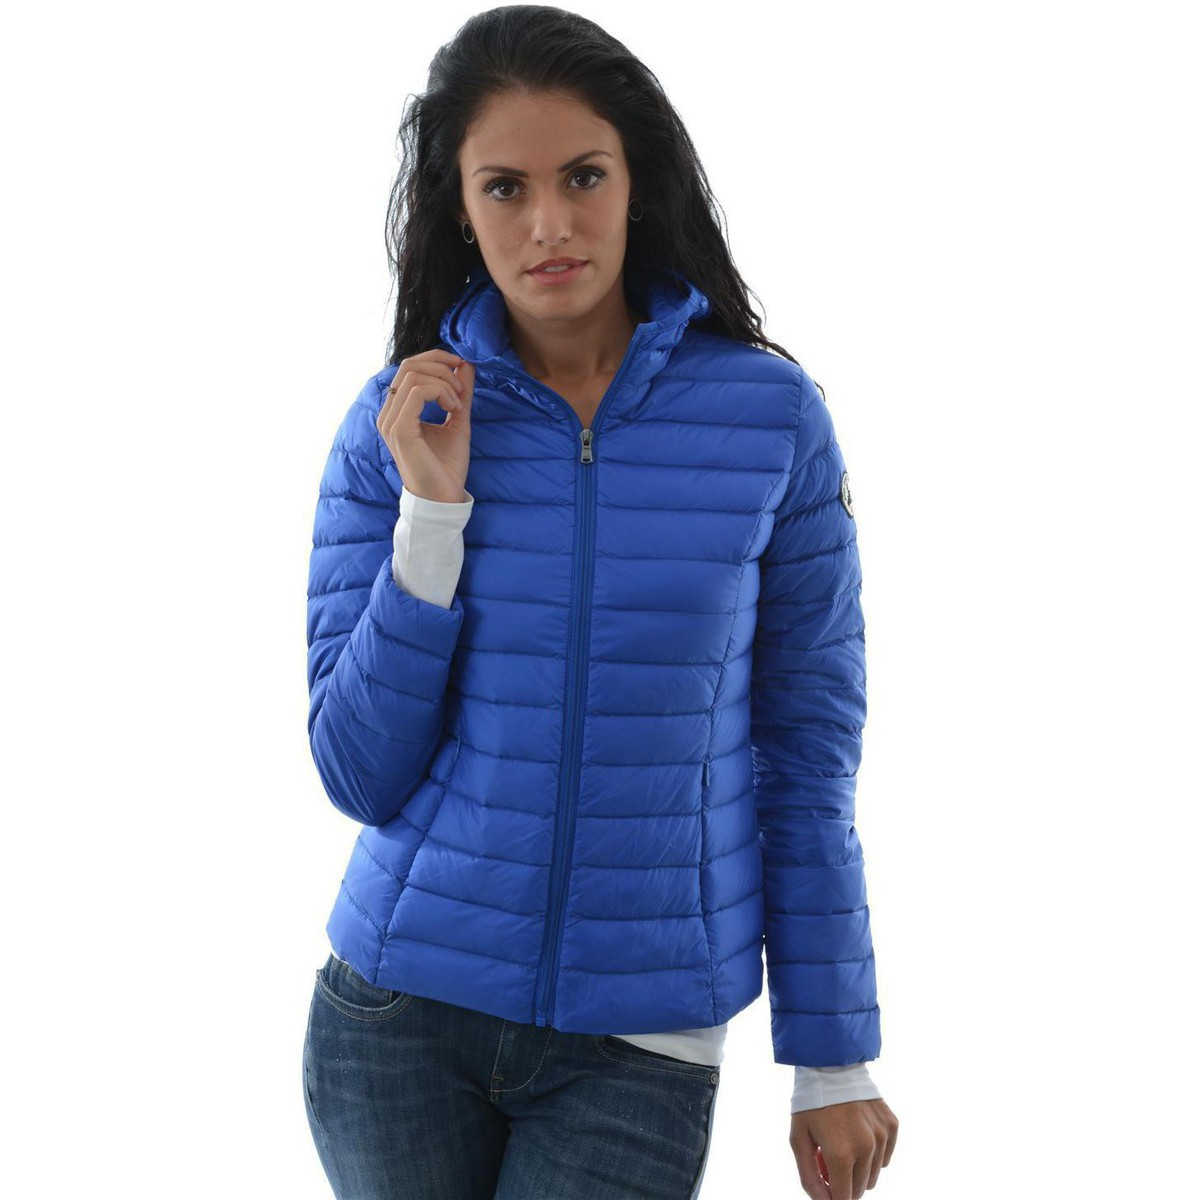 168e33cf782d Doudoune jott femme bleu fourrure - Chapka